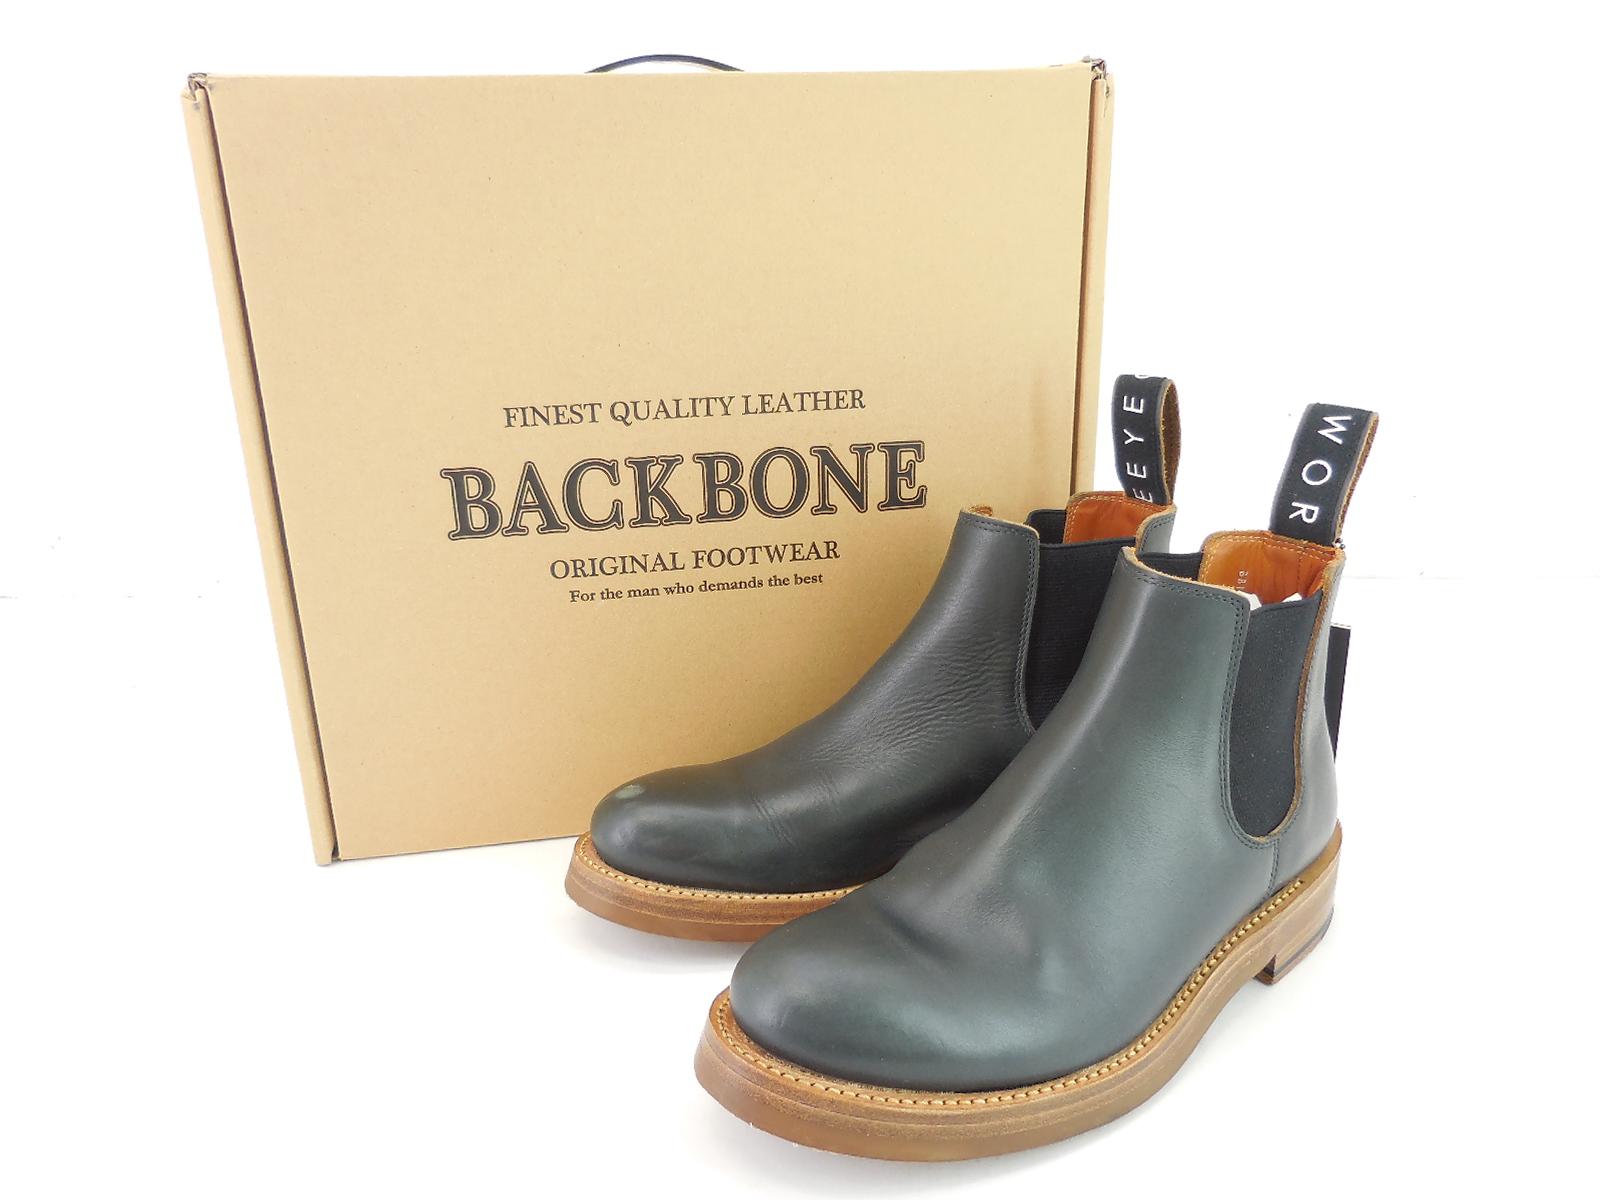 【更に値下げ】BACKBONE 18SS サイドゴアブーツ size:41(約26cm) バックボーン ネイビー ビブラムソール